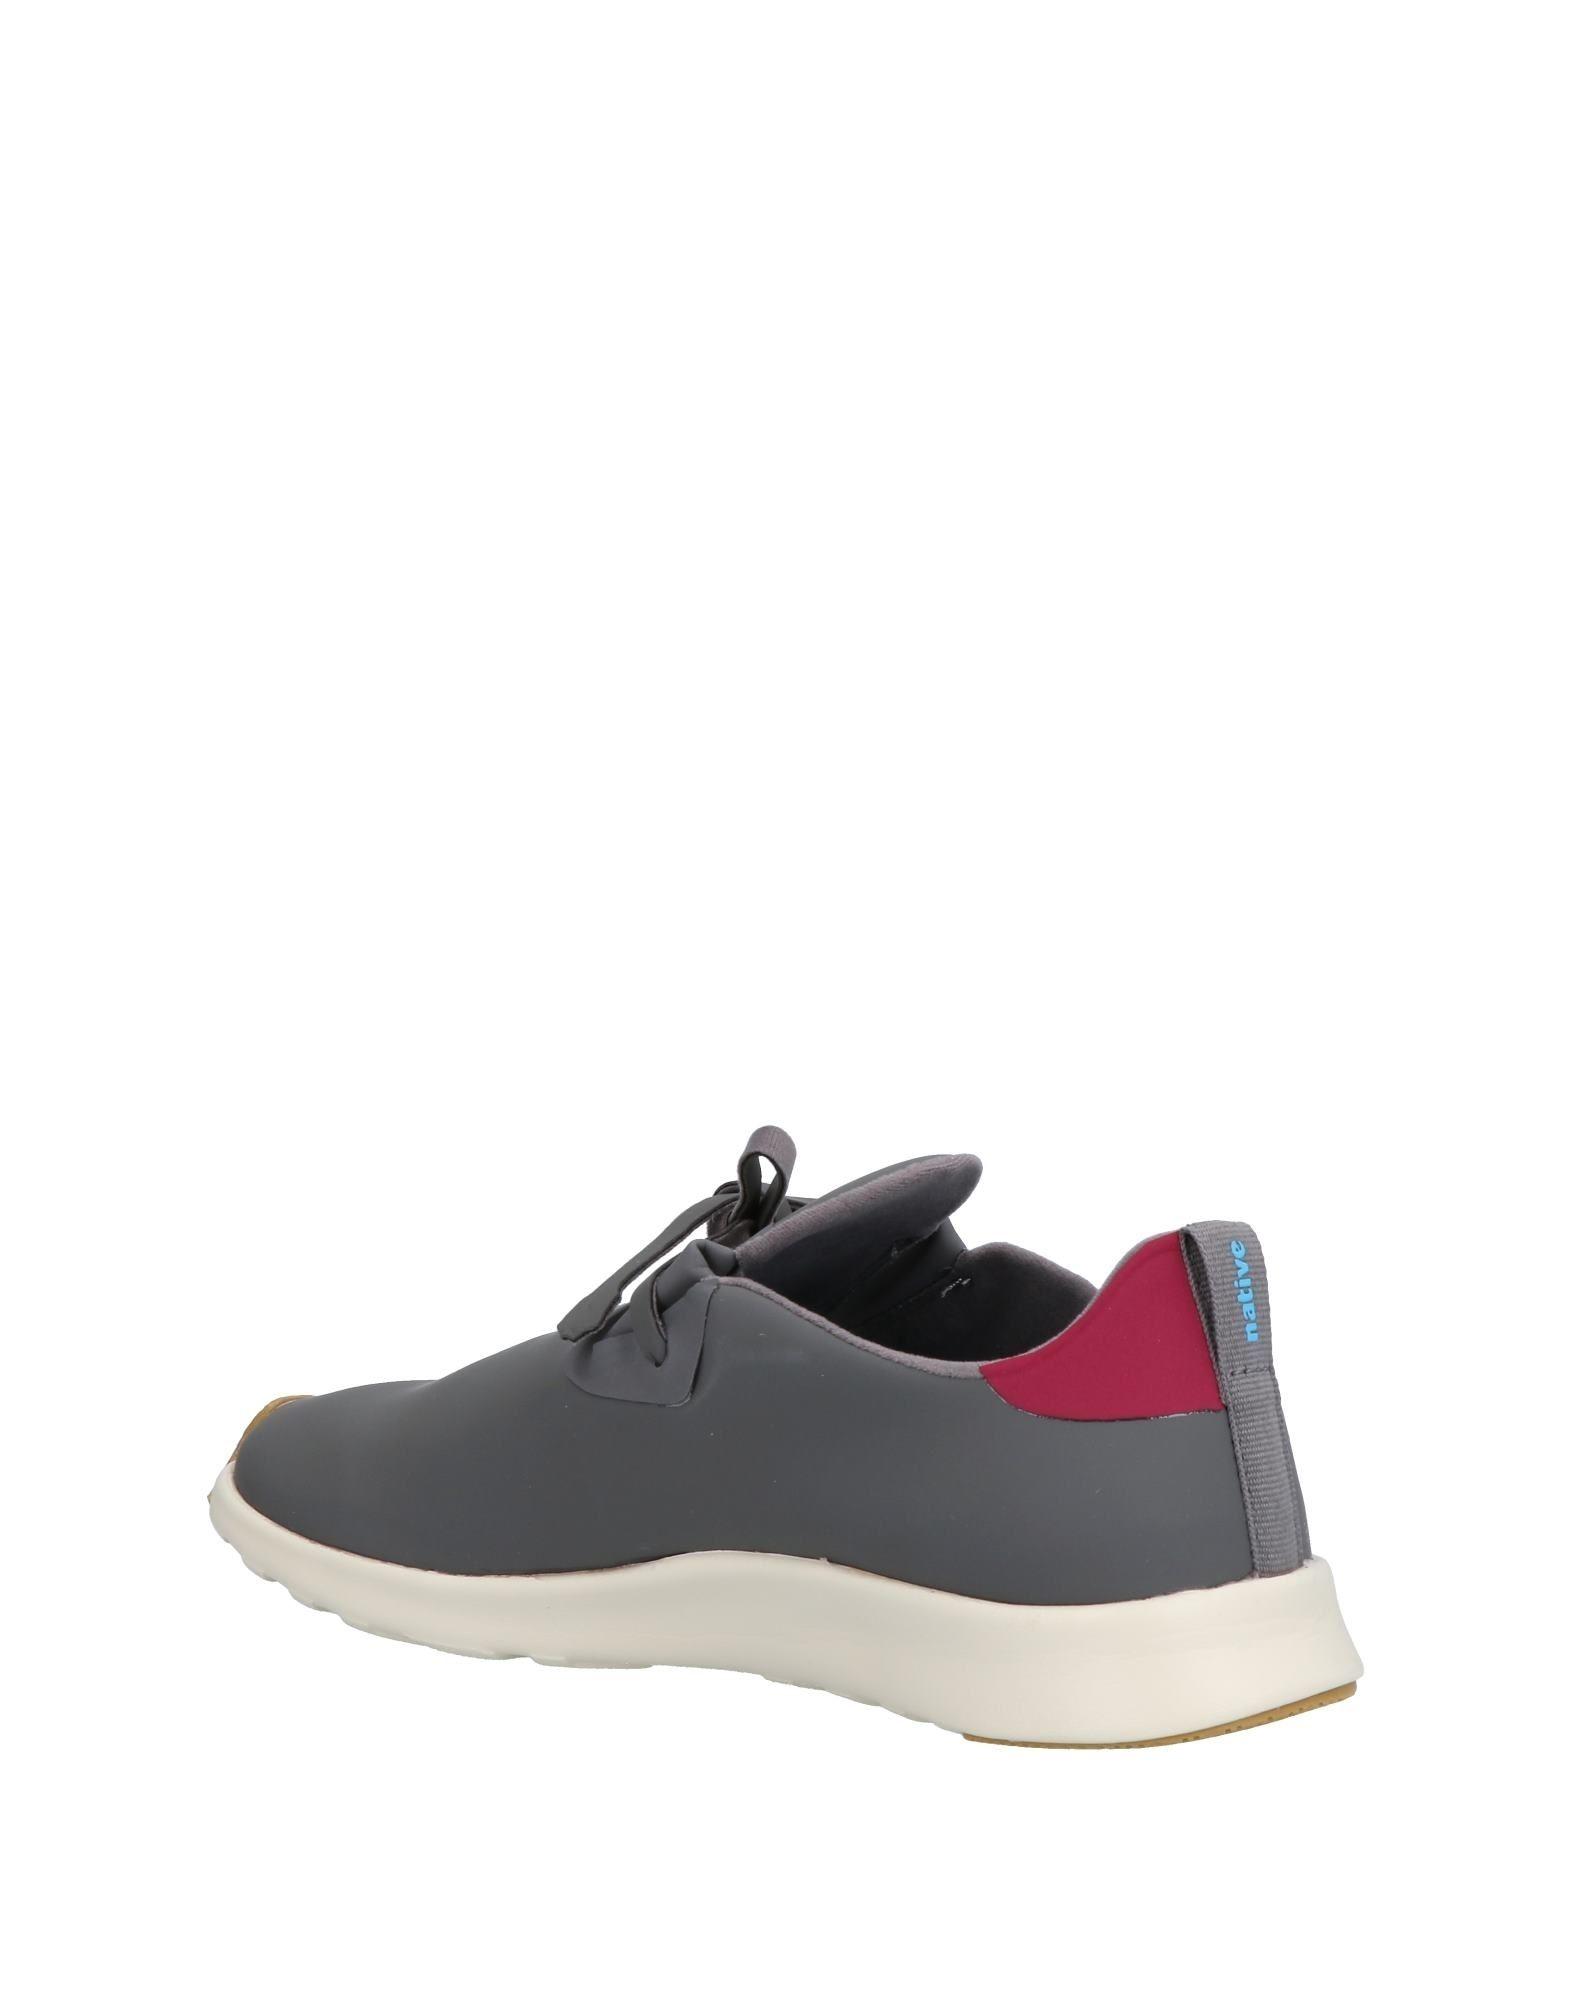 Schuhe Native Sneakers Damen  11473847PV Heiße Schuhe  5c33a9